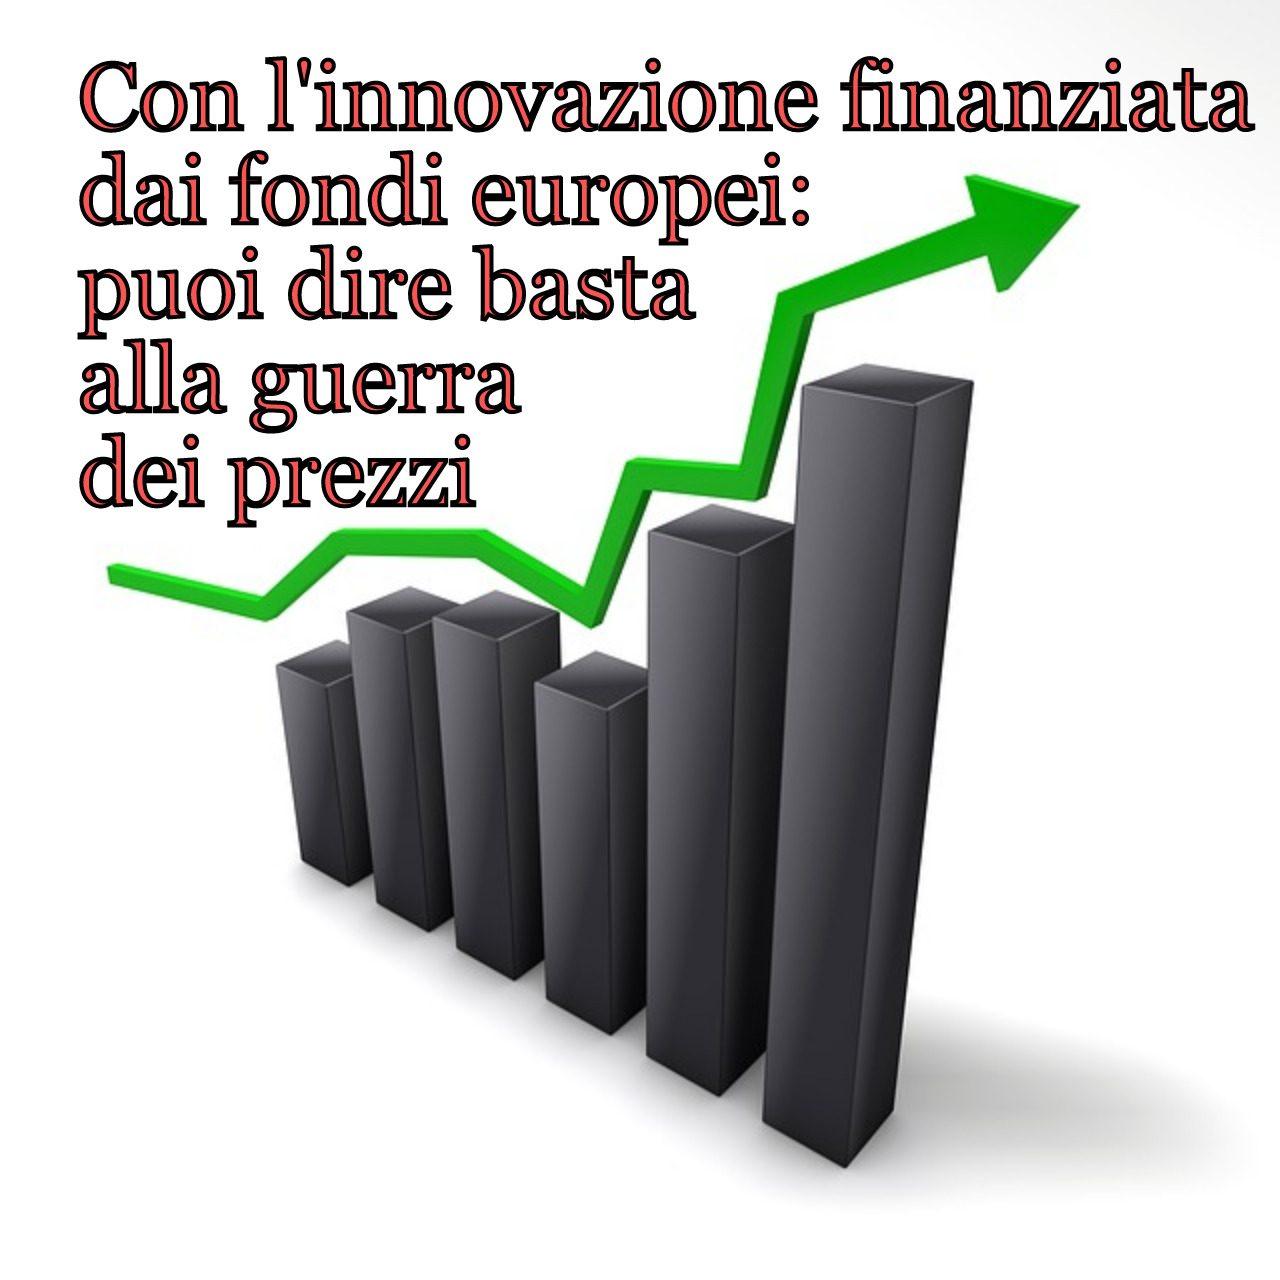 Innovazione finanziamenti europei a fondo perduto